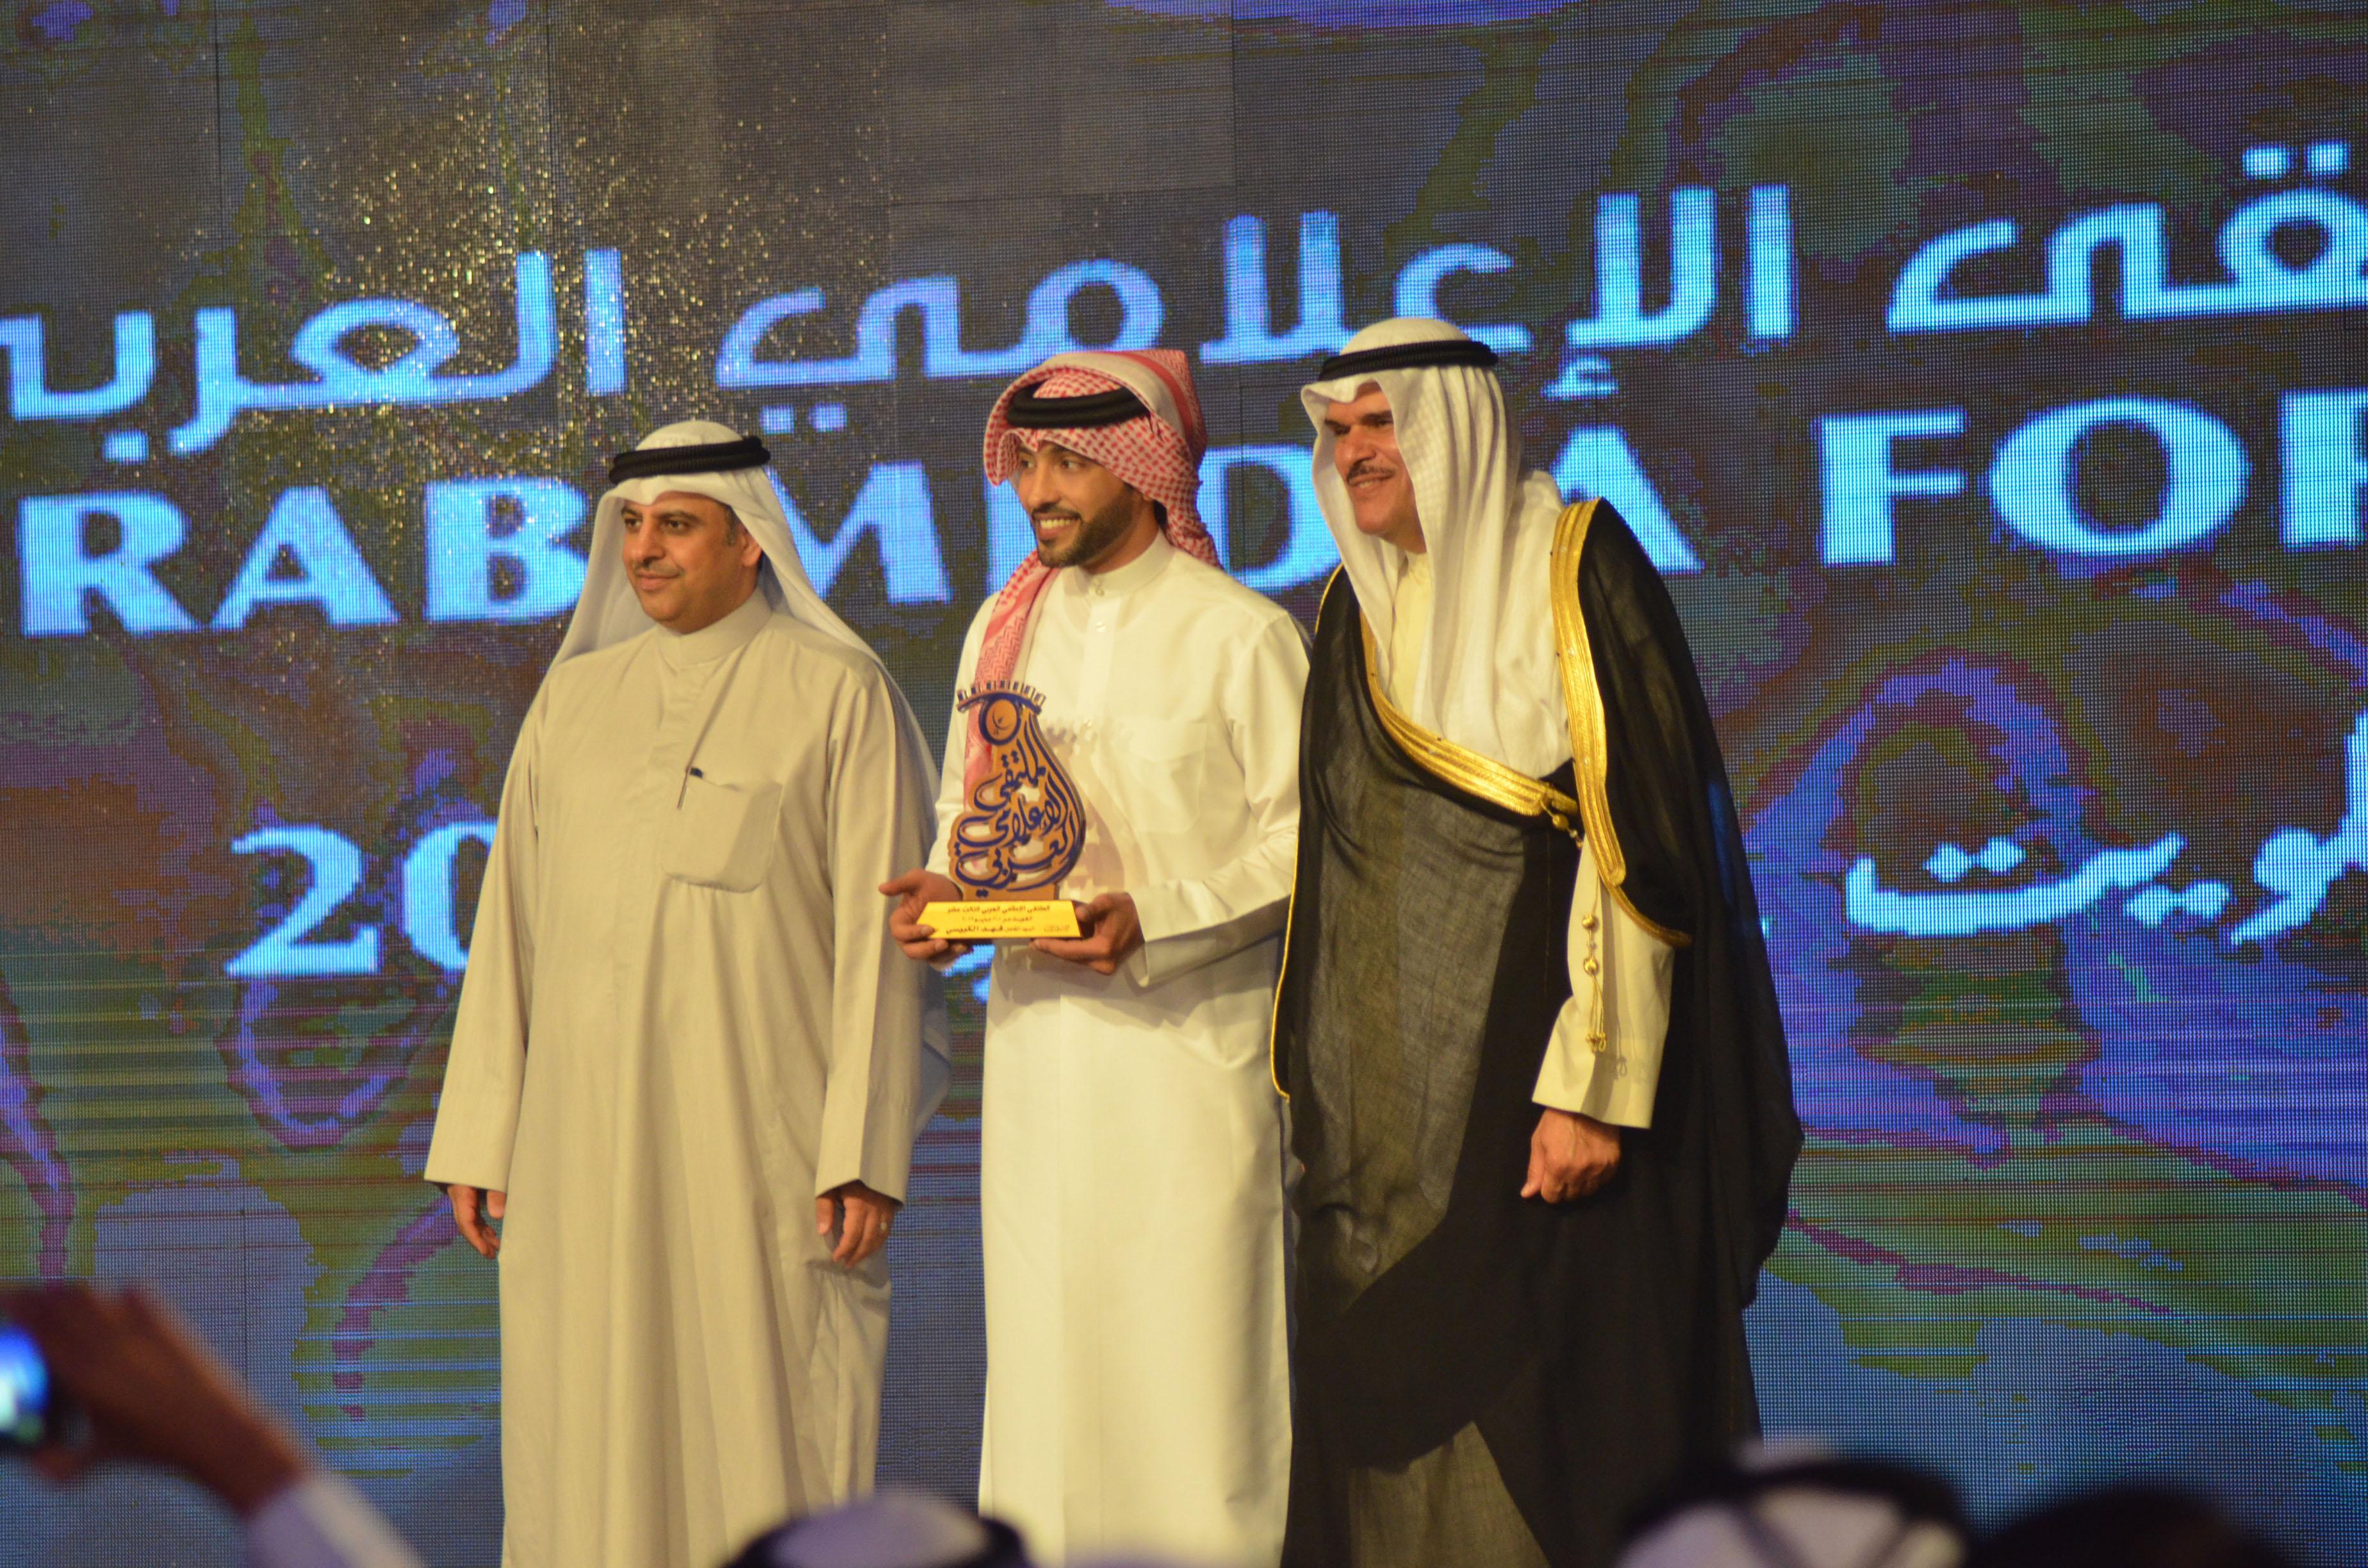 صورة تم تكريمه لمشاركته بالدورة الثالث عشر للملتقى في الكويت  فهد الكبيسي مشاركاً في ملتقى الإعلام العربي